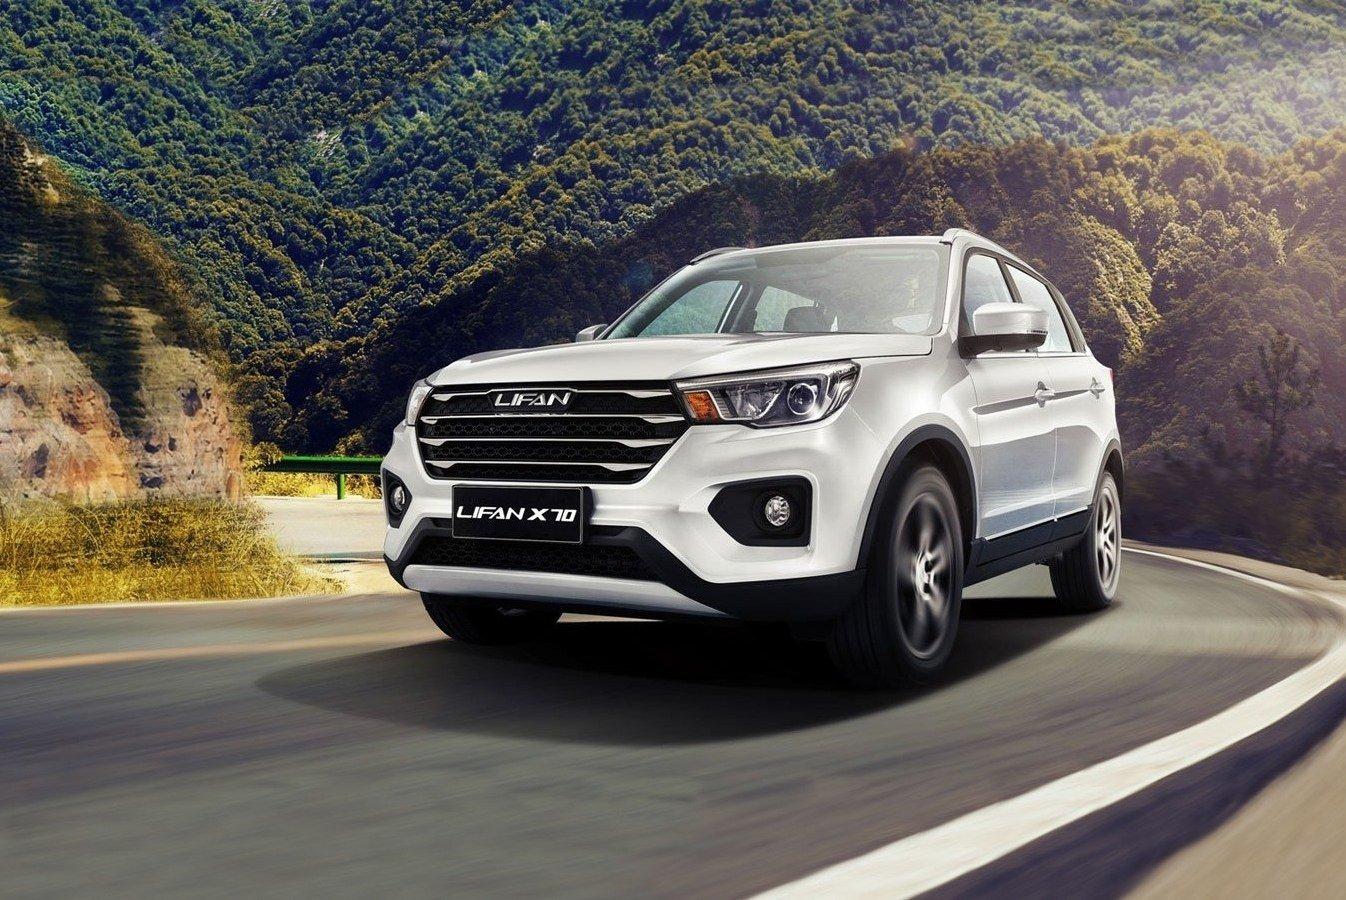 Спрос на китайские машины вырос в России почти на 20%